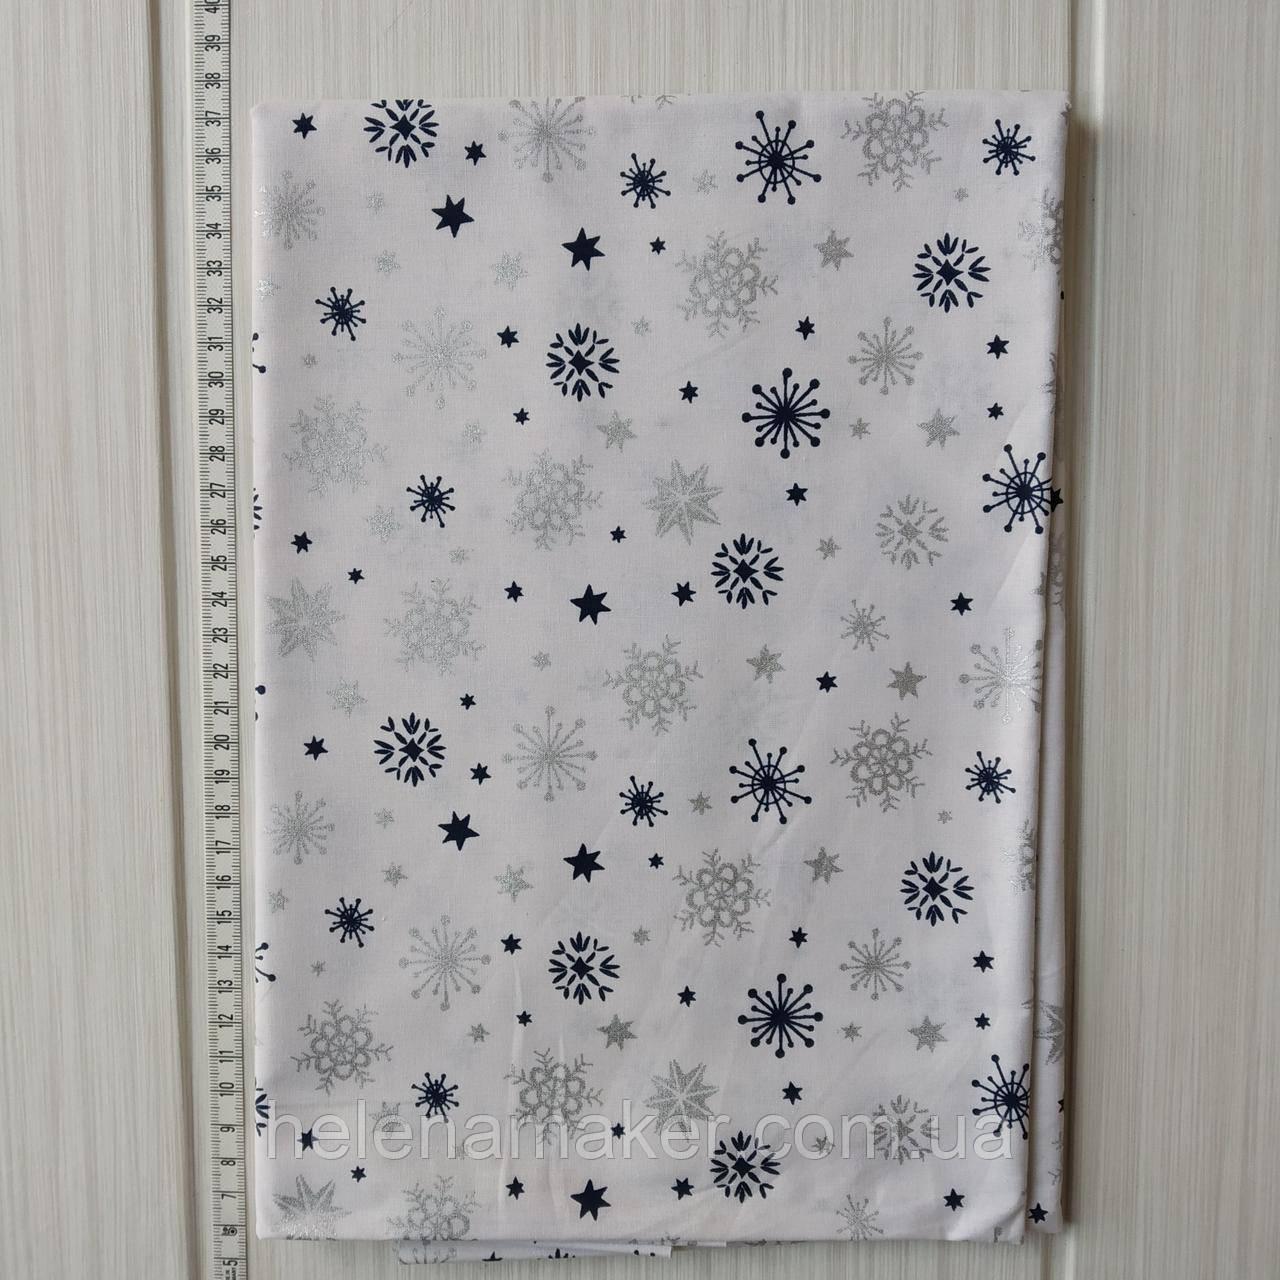 Хлопковая новогодняя ткань Серебряные и синие снежинки на белом фоне 40*50 см